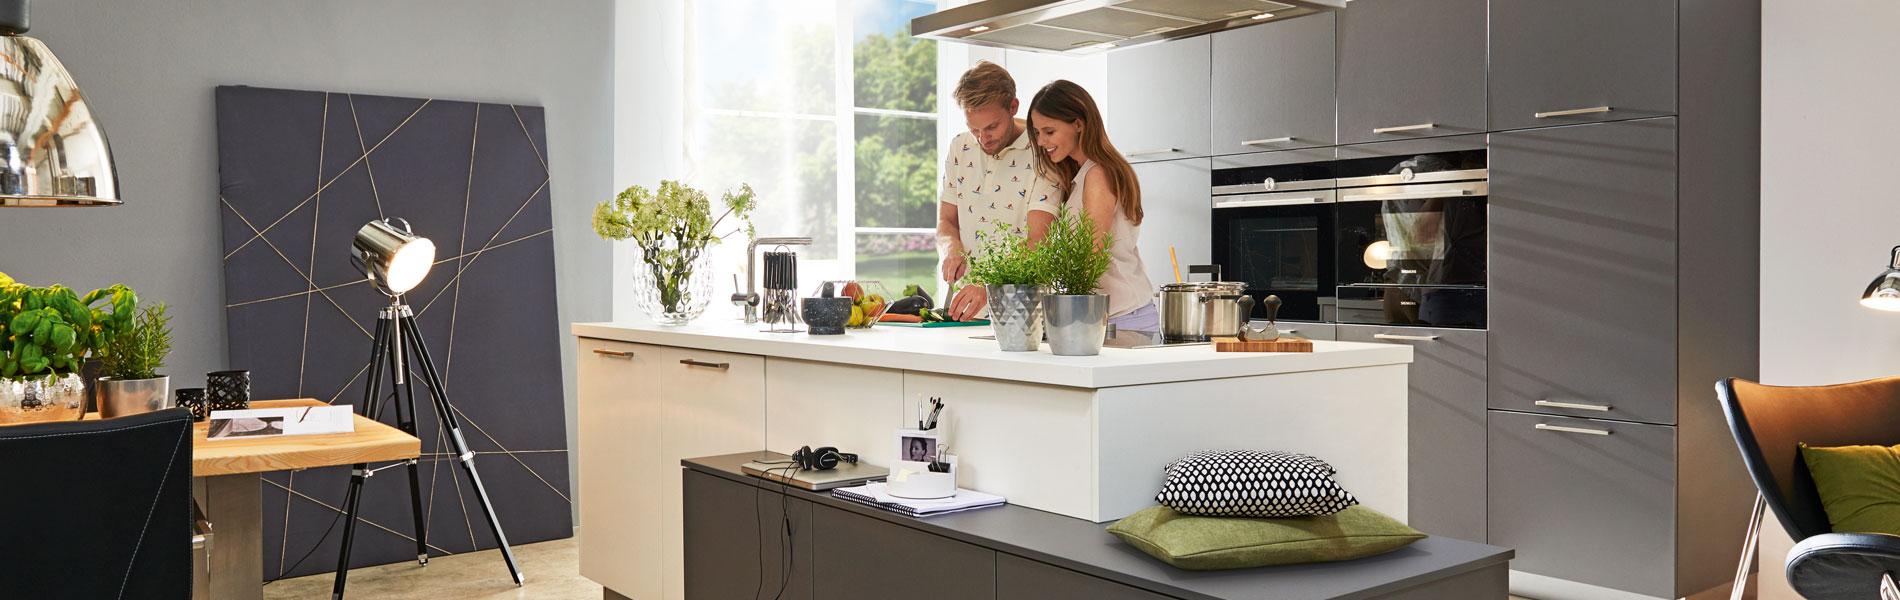 Stilvolle Küche in Grautönen